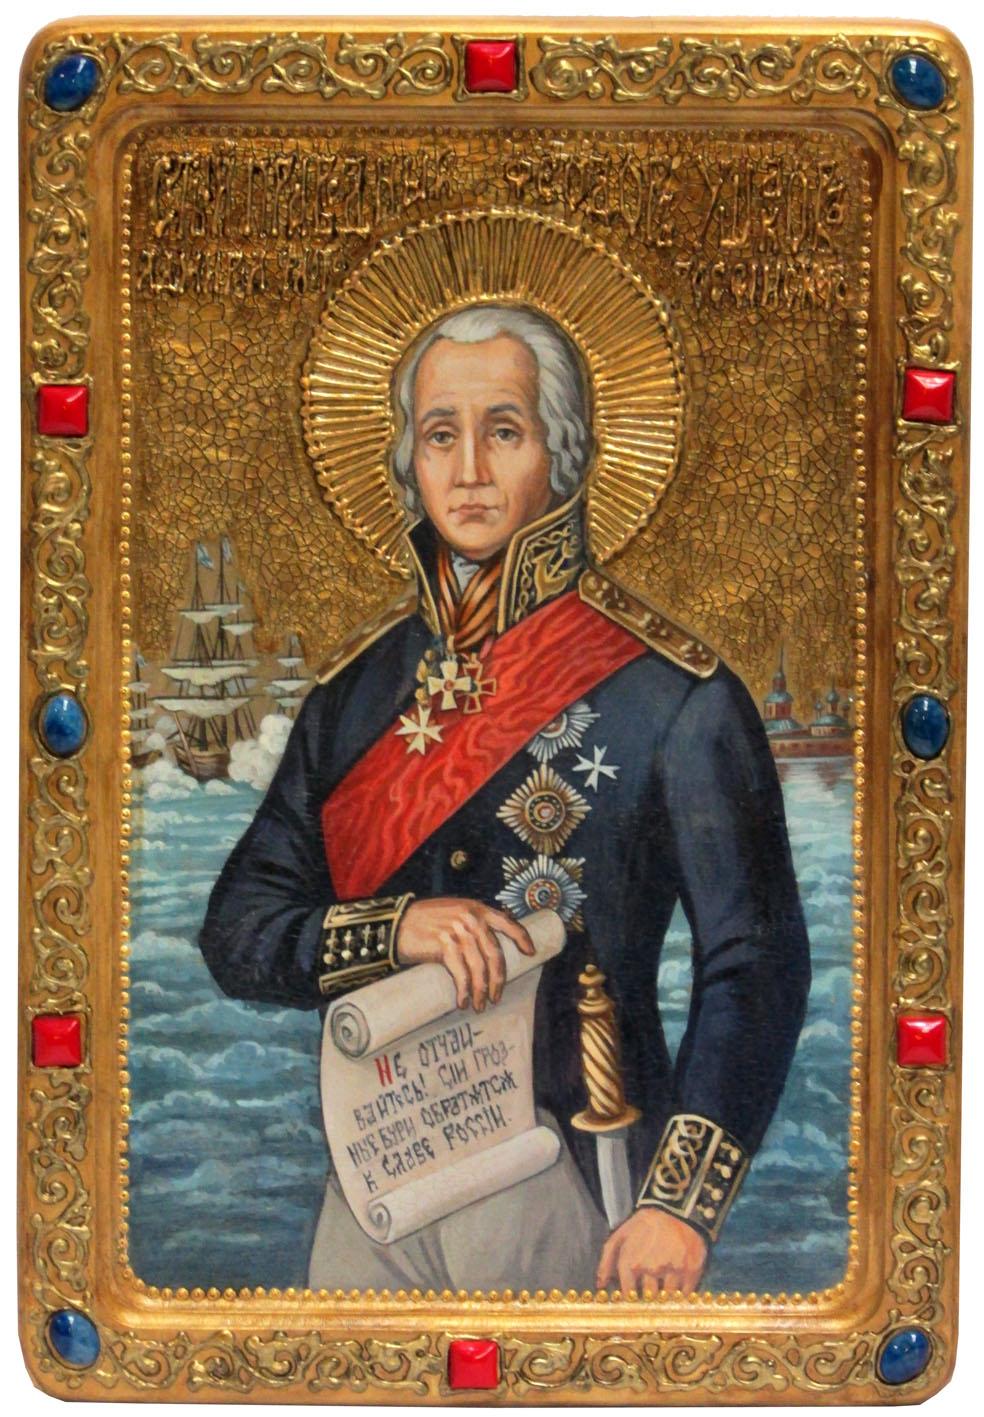 Икона Святого праведного воина Феодора — Ф.Ф.Ушакова, адмирала флота Российского.